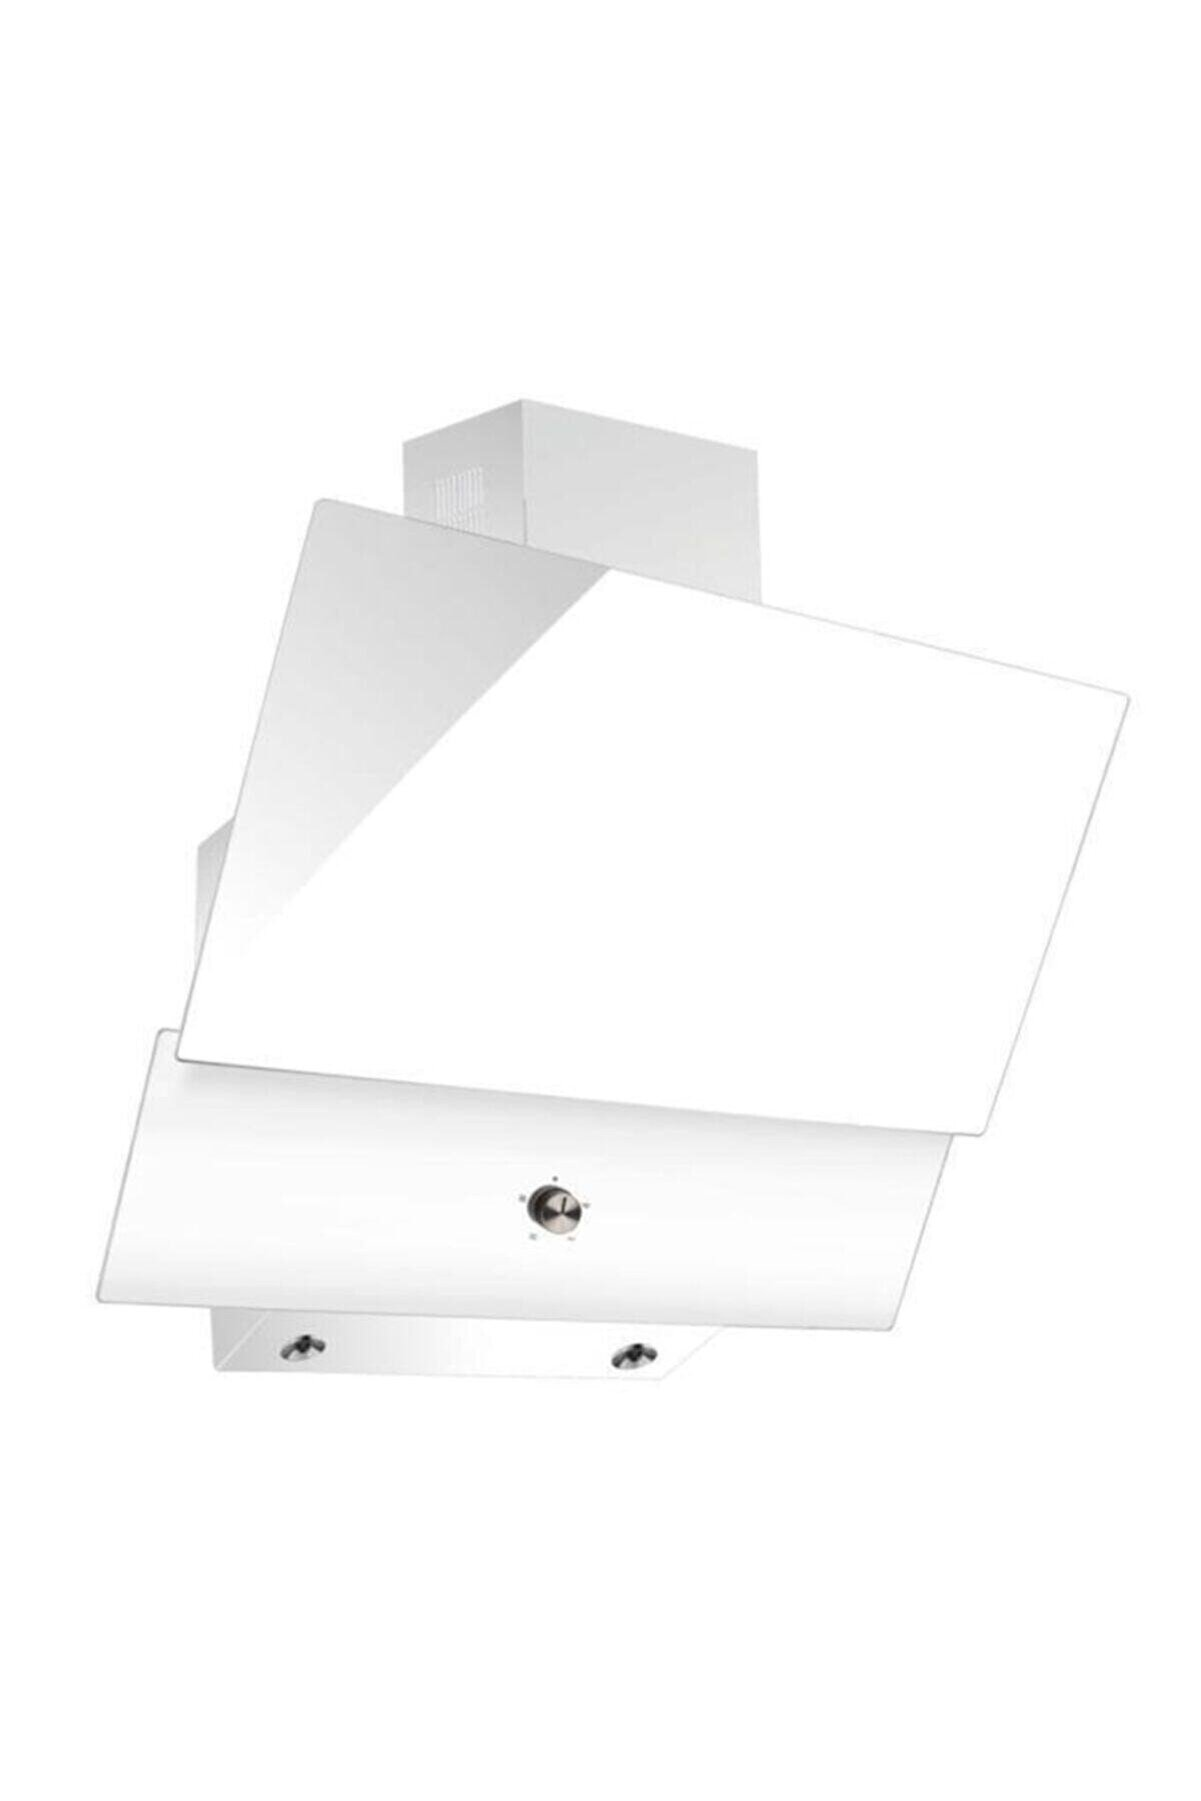 Luxell Beyaz Davlumbaz 830